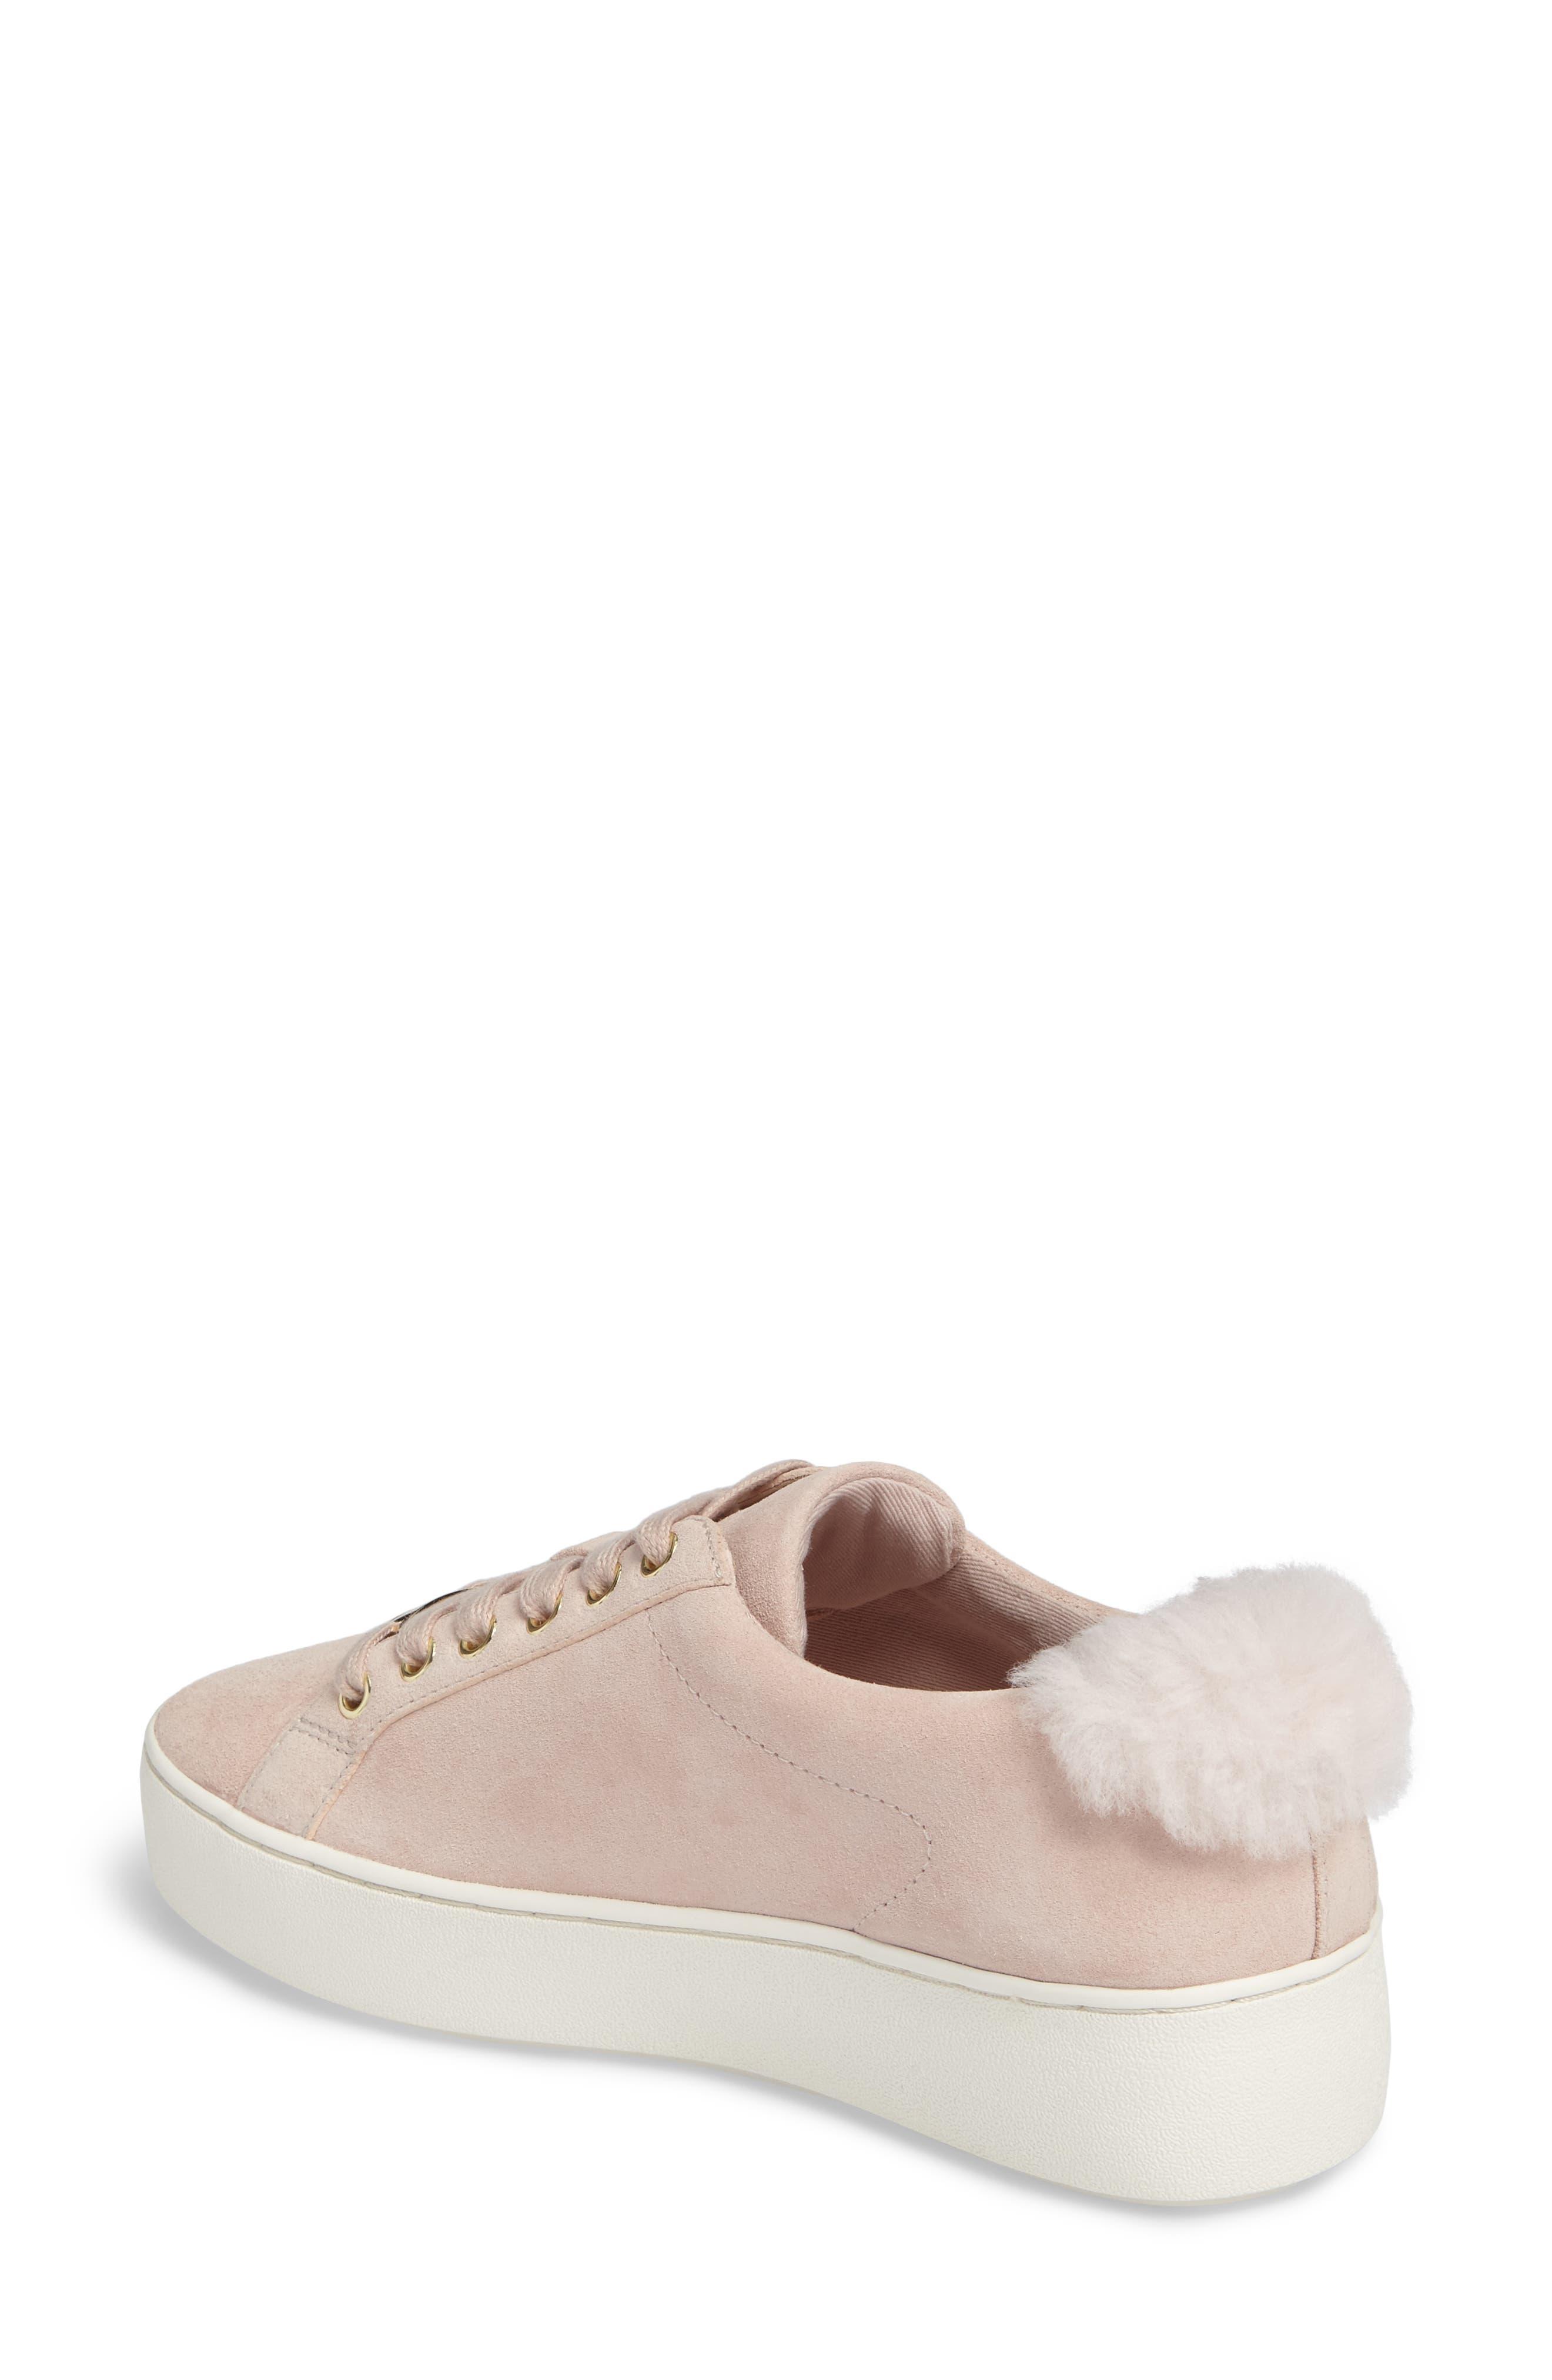 Poppy Platform Sneaker,                             Alternate thumbnail 2, color,                             651